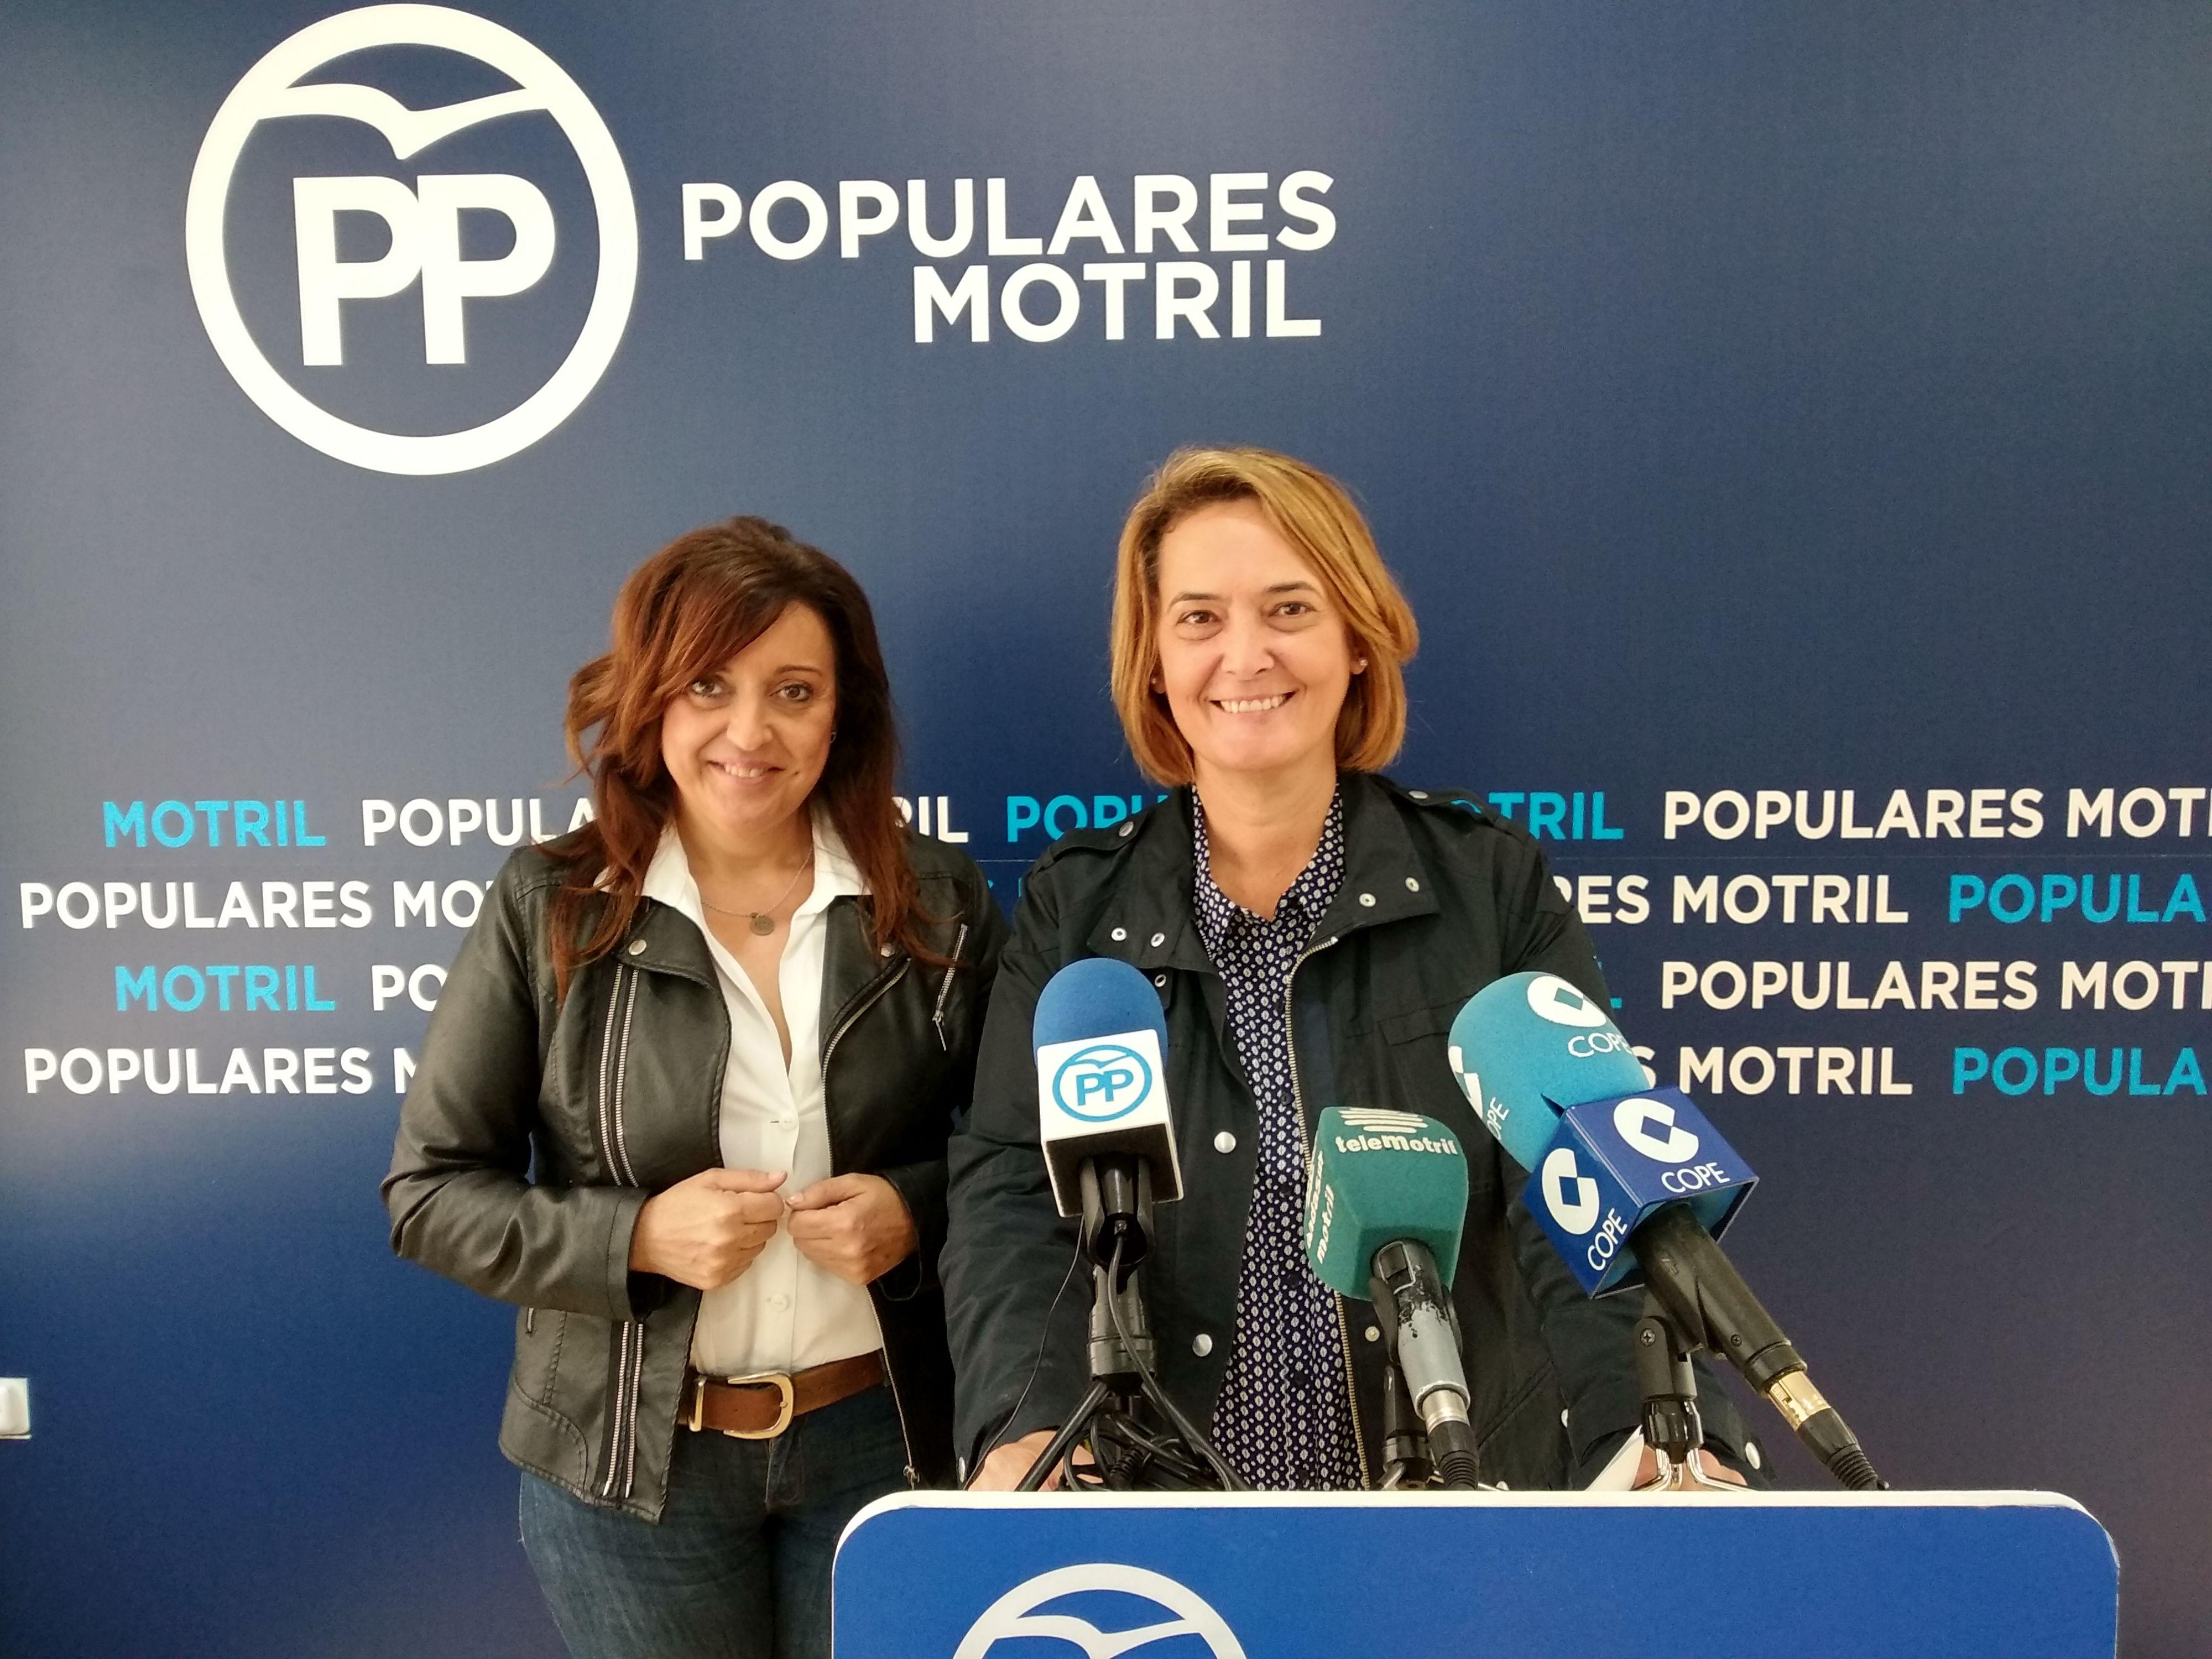 LUISA GARCÍA CHAMORRO Y ÁNGELES LÓPEZ CANO, EN RUEDA DE PRENSA (Foto: El Faro)